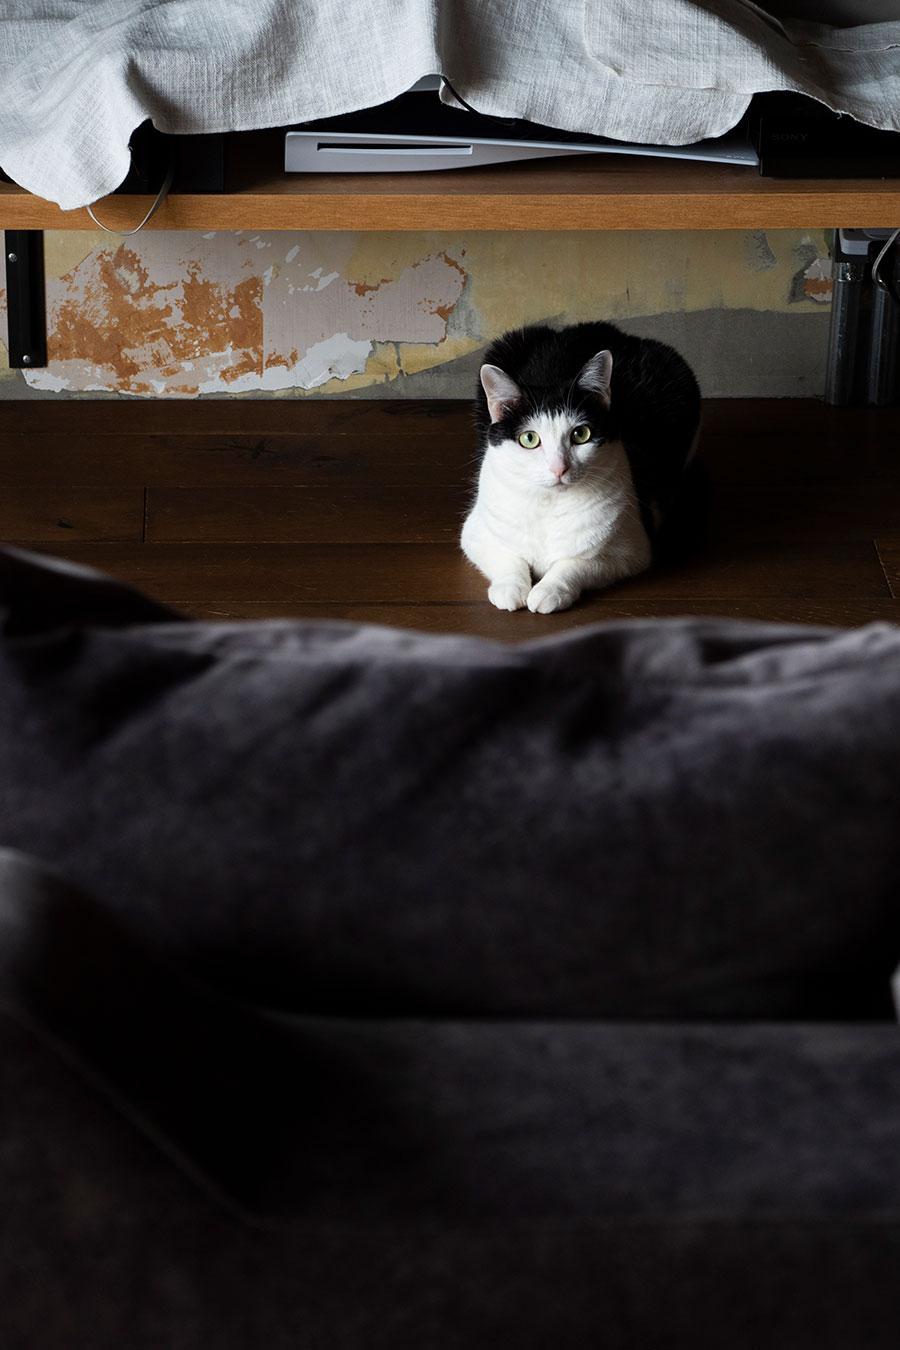 子猫の頃に沖縄で遭遇。飛行機で東京に連れて帰ったういちゃん。